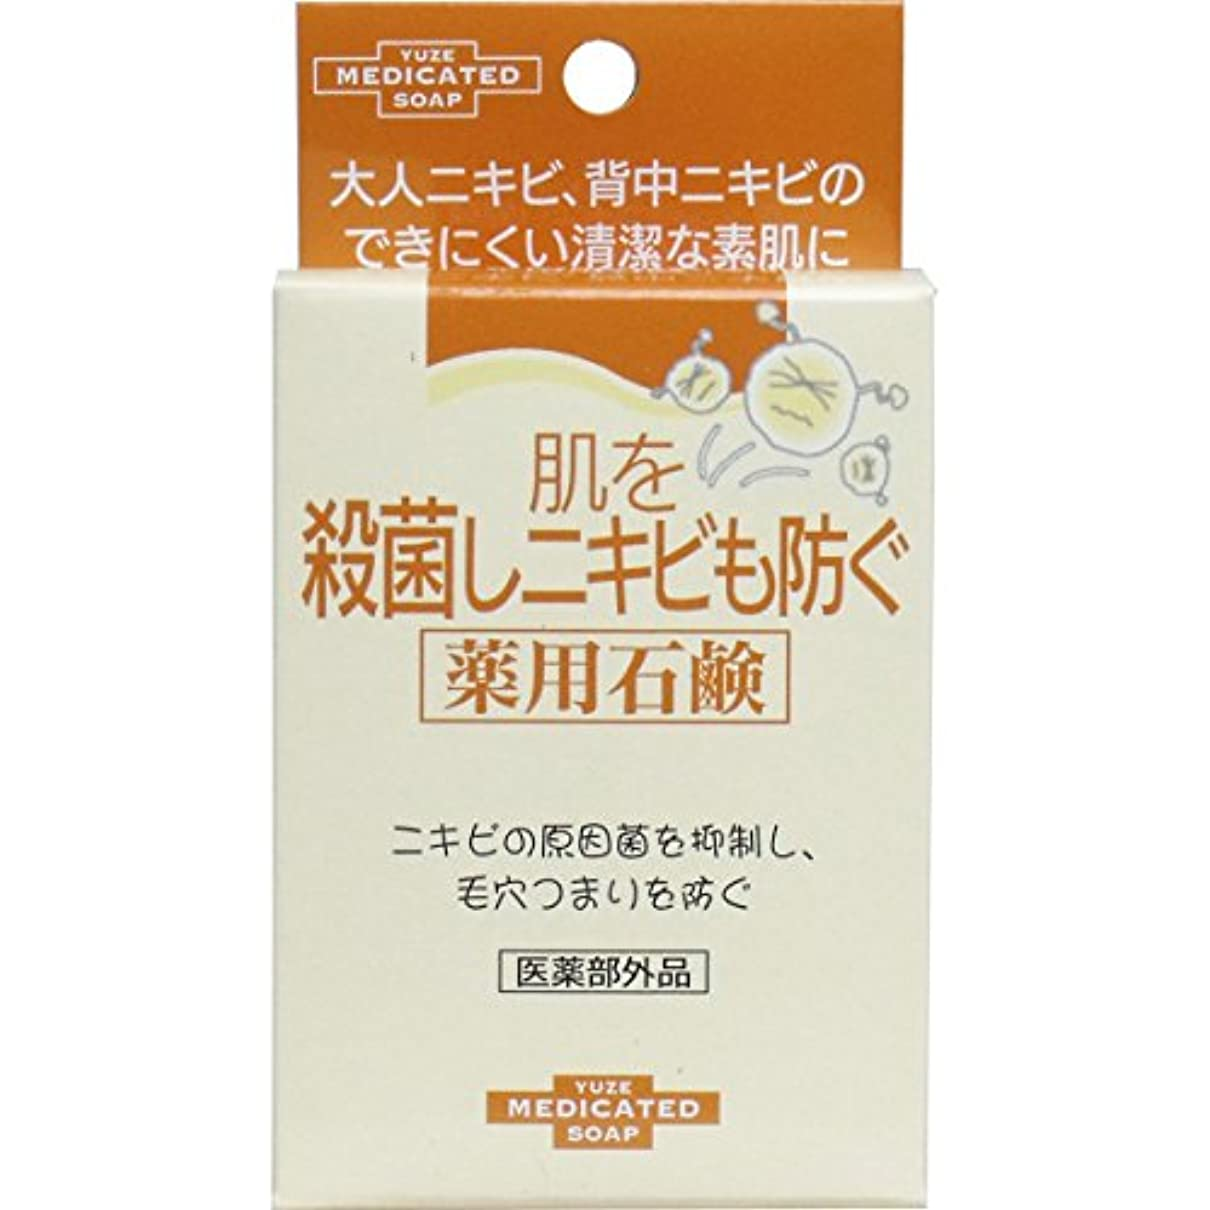 ダウンベルベット過度のユゼ 肌を殺菌しニキビも防ぐ薬用石鹸 6セット